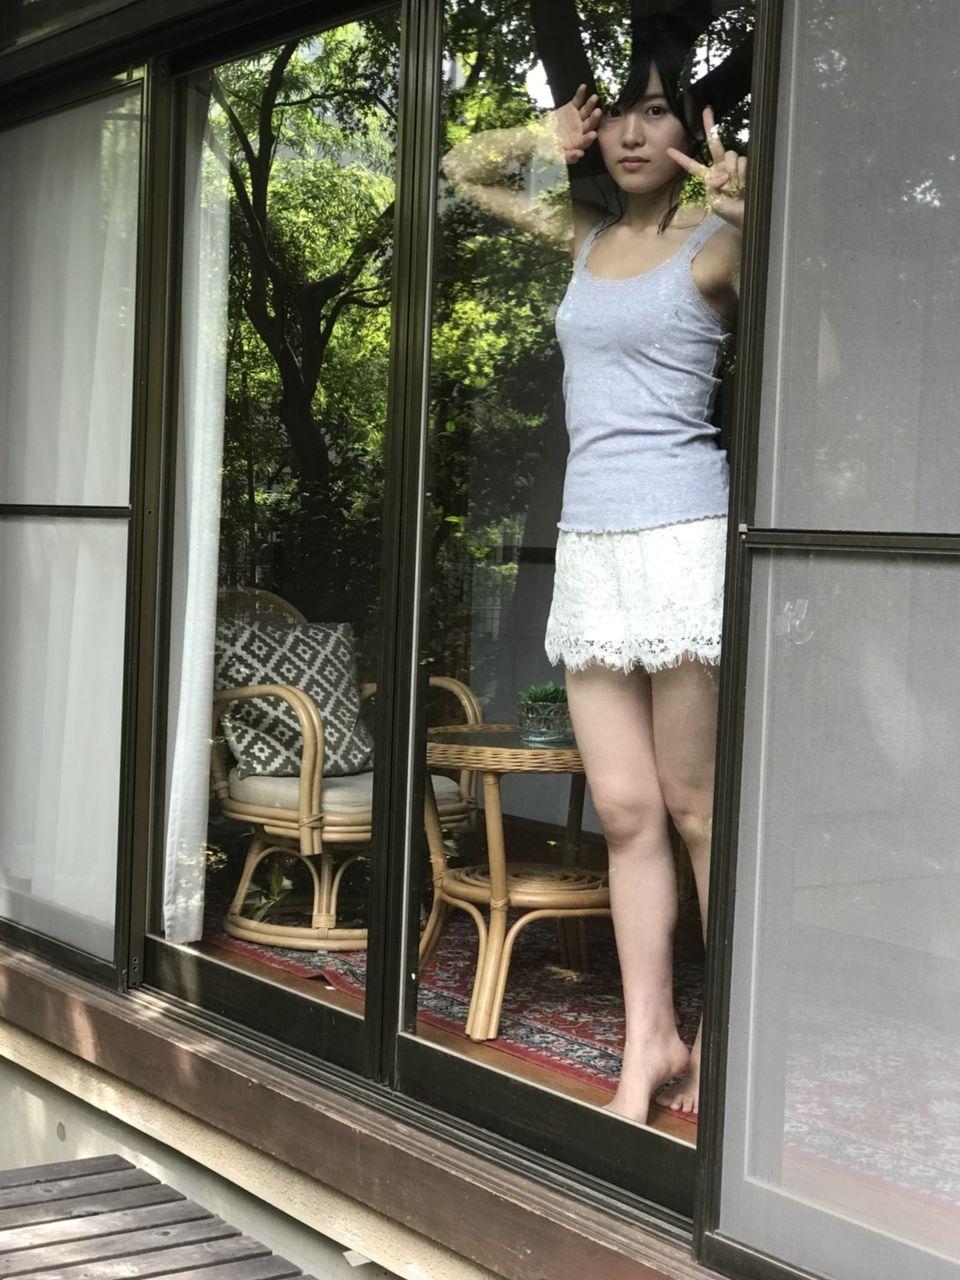 岡部麟エロ画像1_PlatinumFLASH180921-2